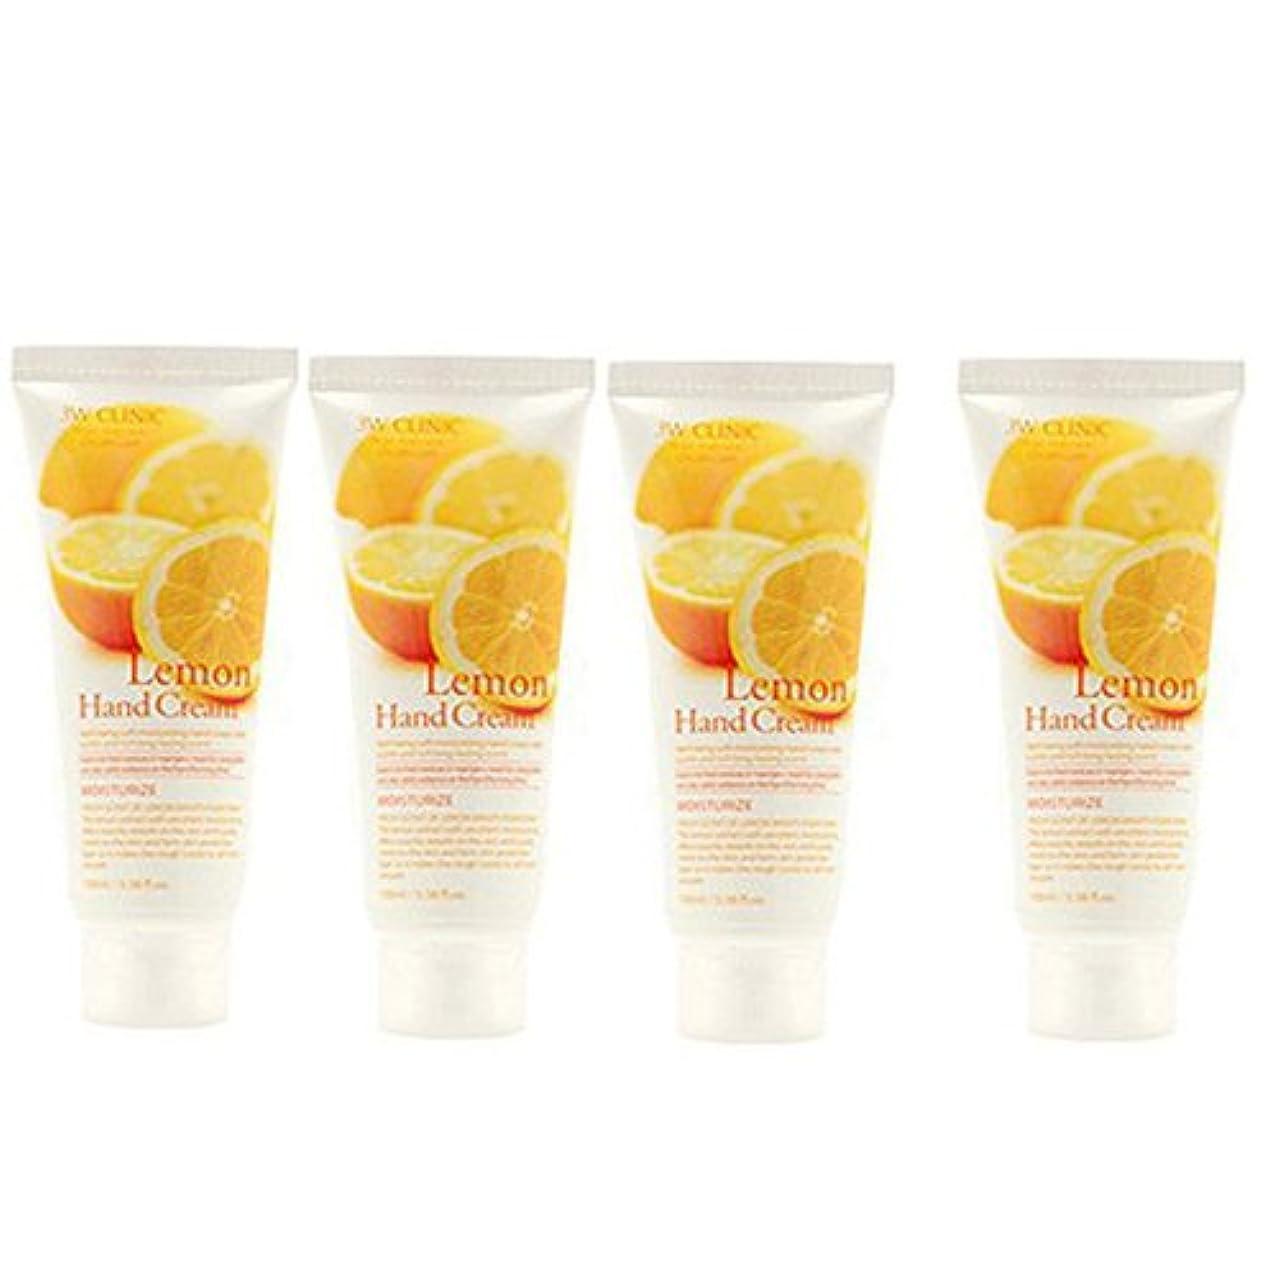 風景辛い繁雑3w Clinic[韓国コスメARRAHAN]Moisturizing Lemon Hand Cream モイスチャーリングレモンハンドクリーム100mlX4個 [並行輸入品]